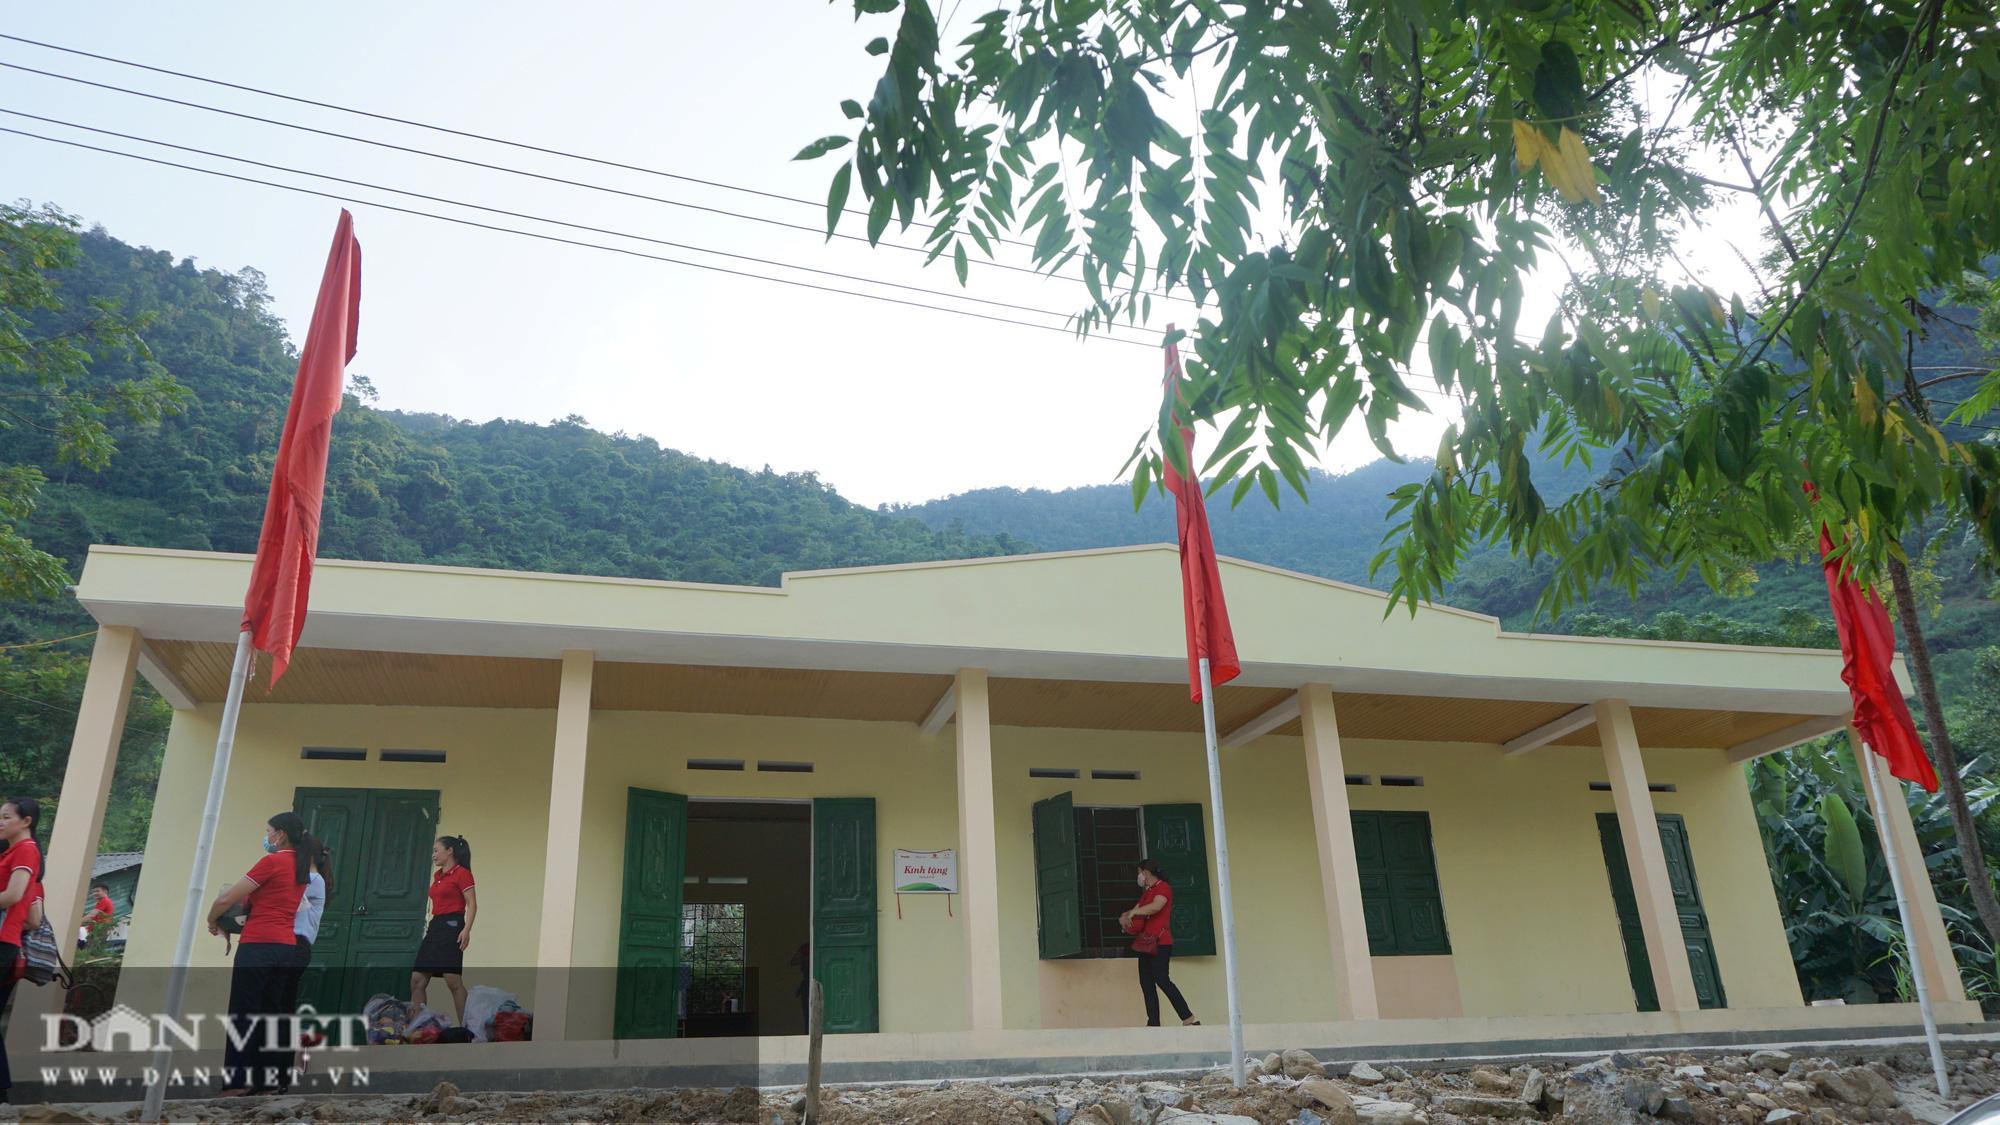 """Báo NTNN/Dân Việt - Quỹ Thiện Tâm: Khánh thành """"điểm trường mơ ước"""" đầu tiên tại Hà Giang - Ảnh 2."""